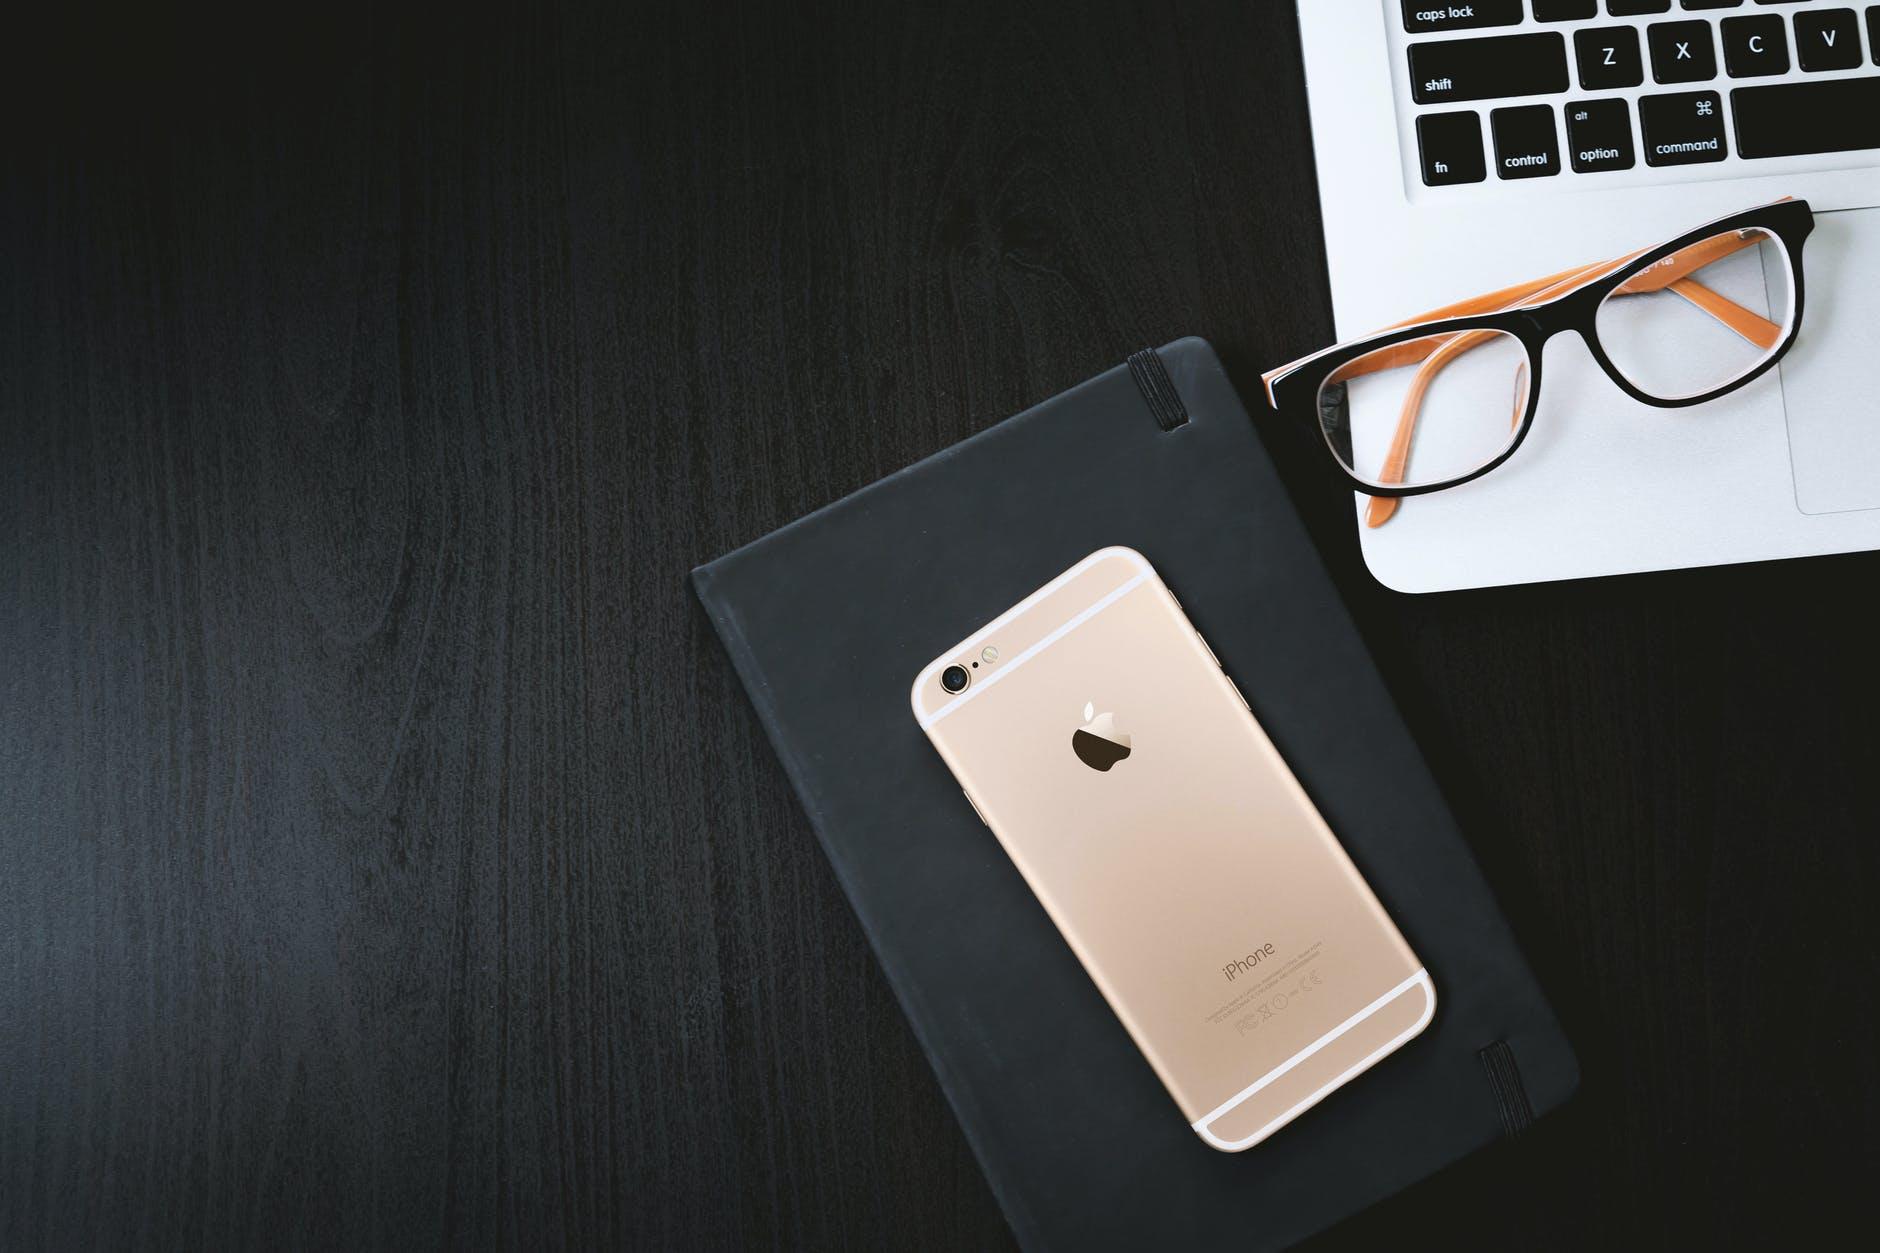 Iphone CH/A sản phẩm như thế nào? Liệu có nên mua không?